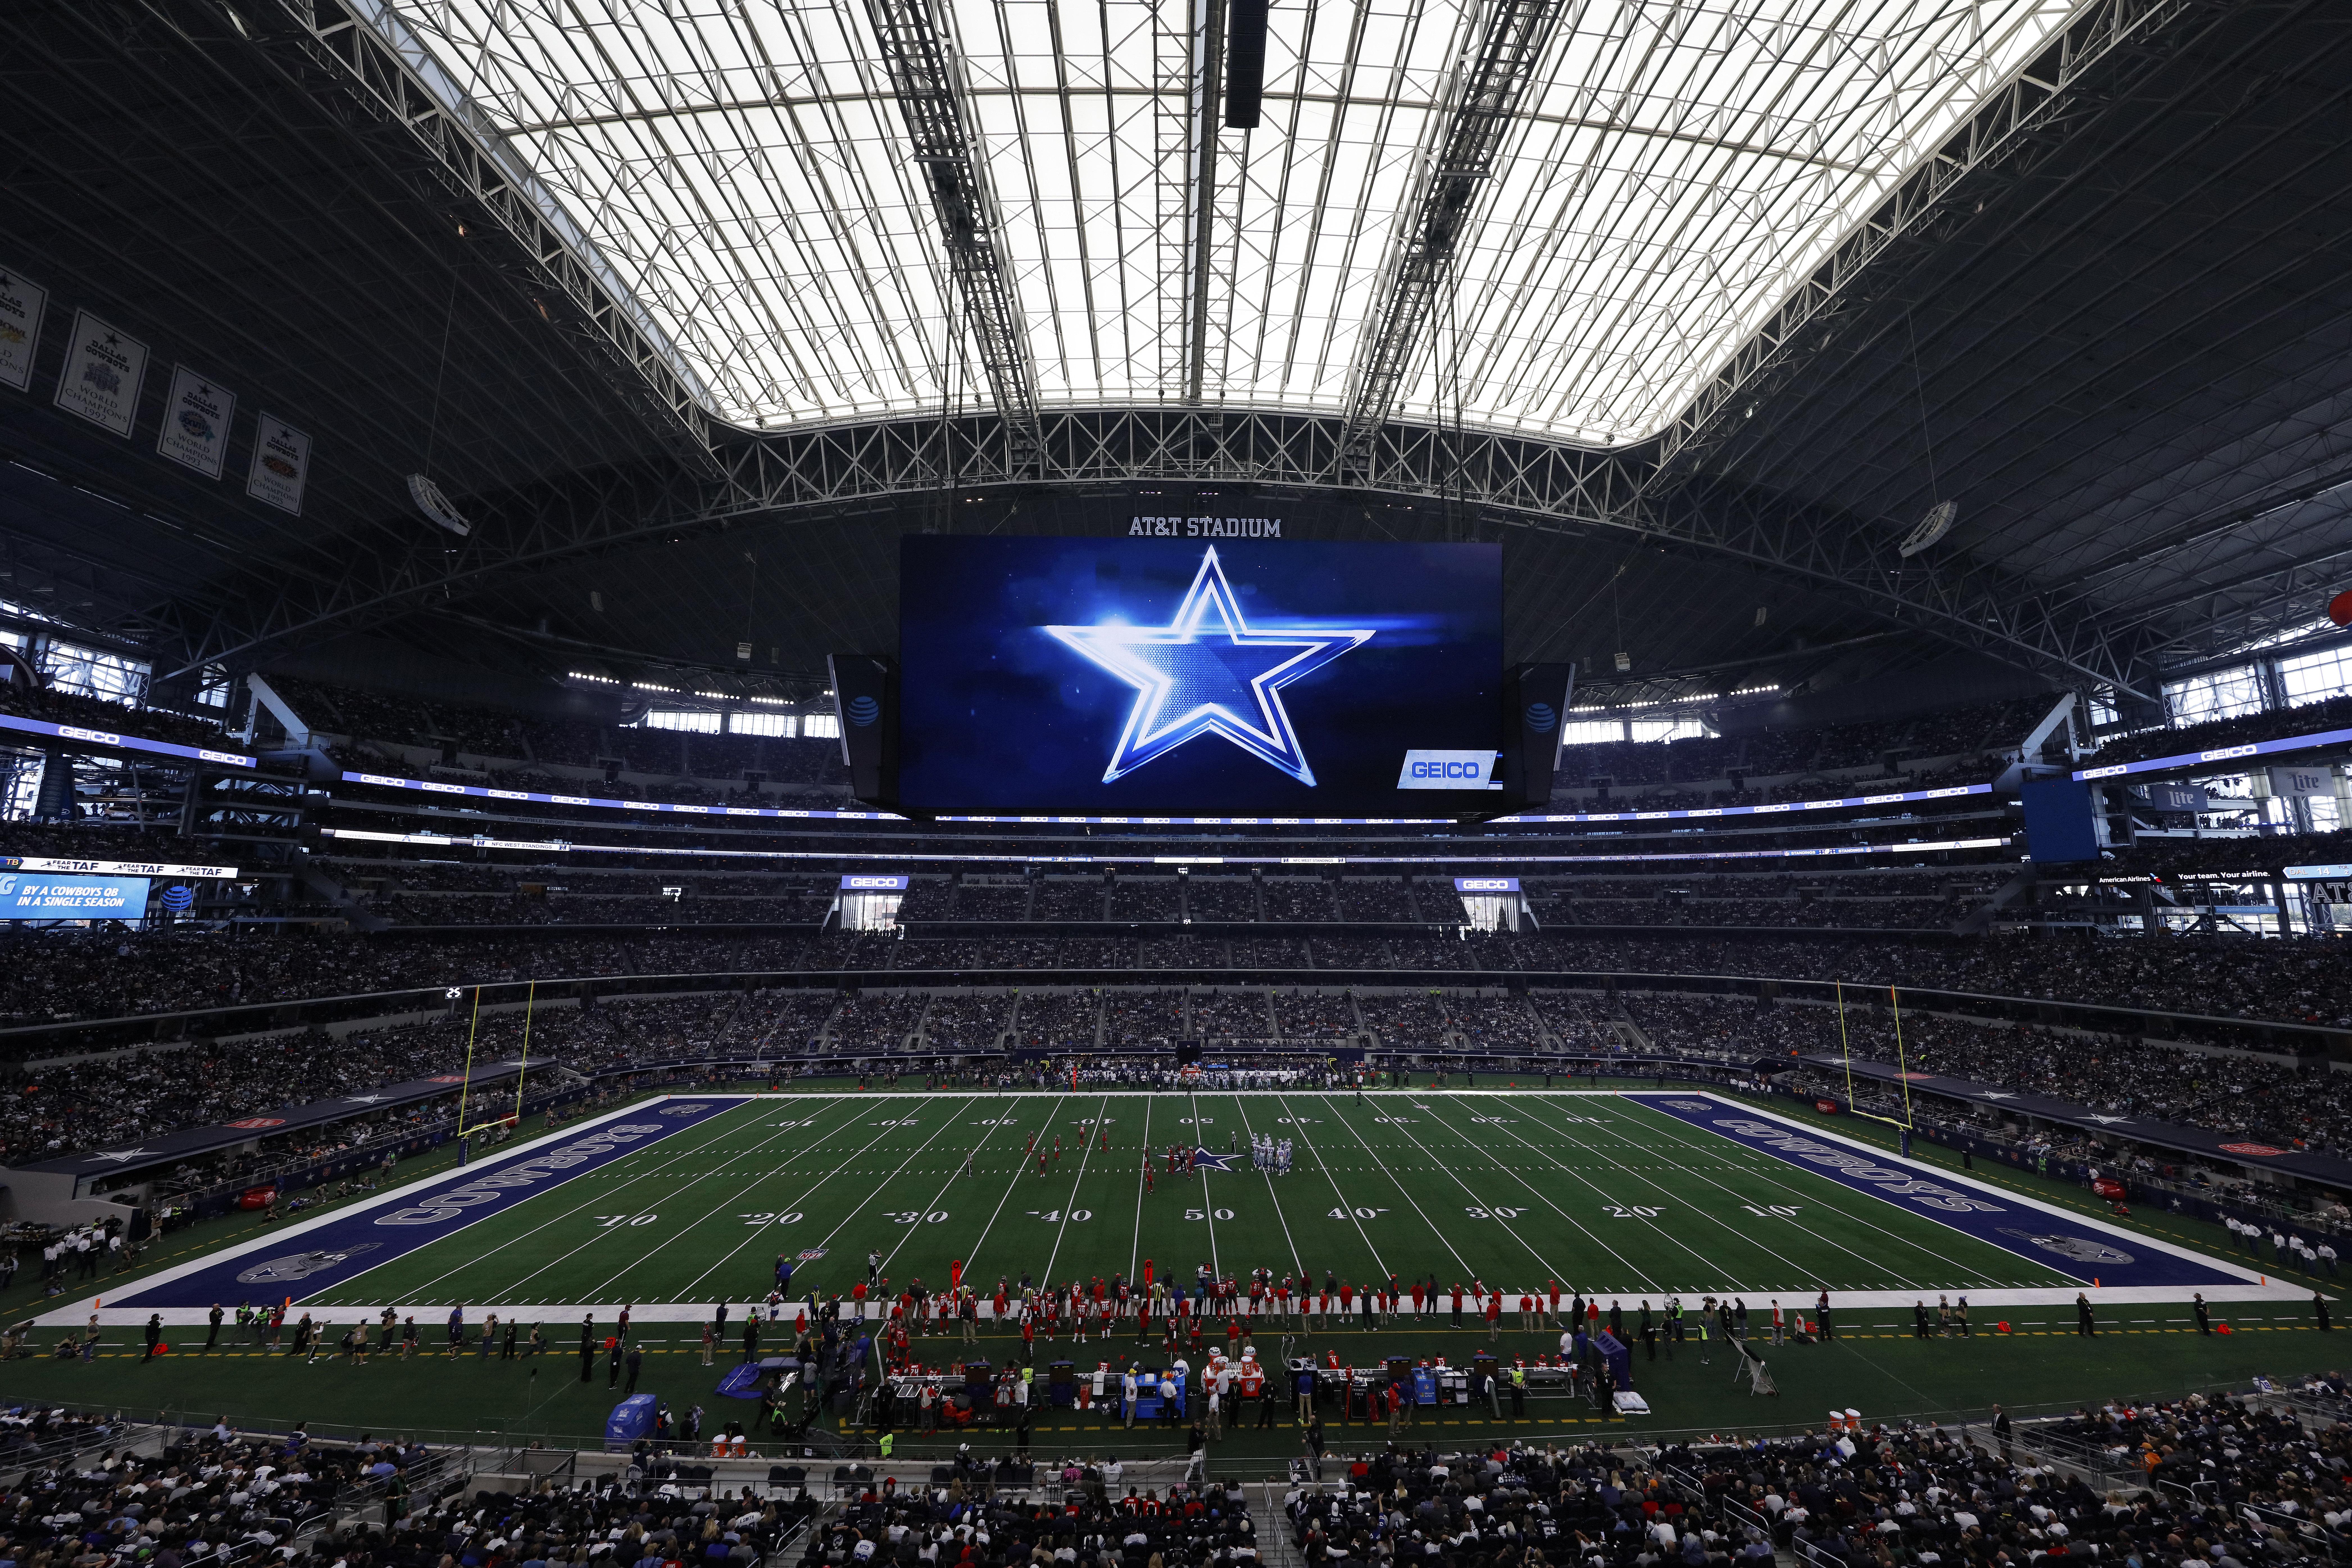 At Dallas Cowboys